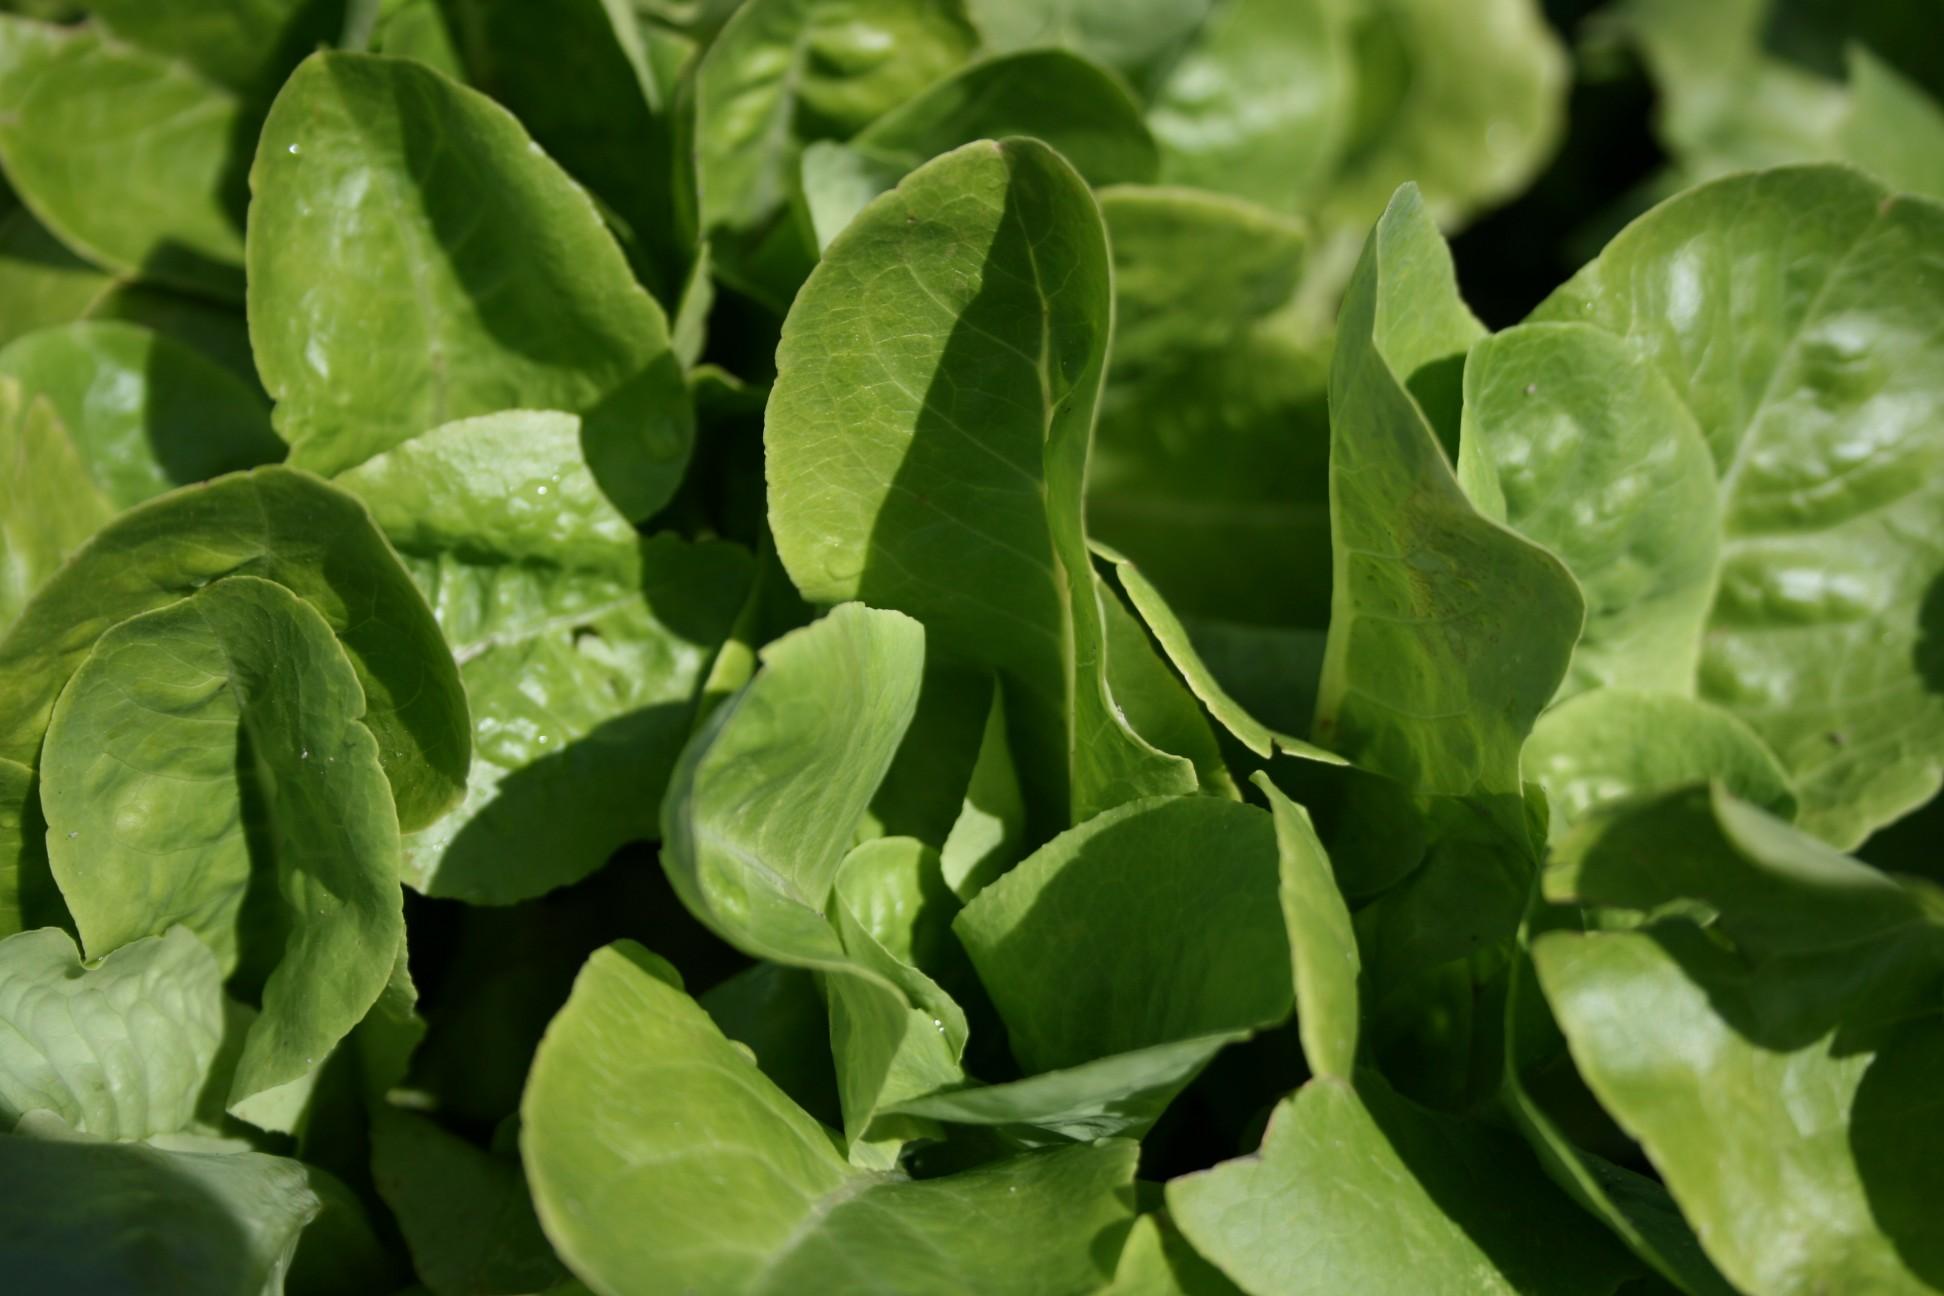 Fresh picked lettuce - How to store lettuce from garden ...